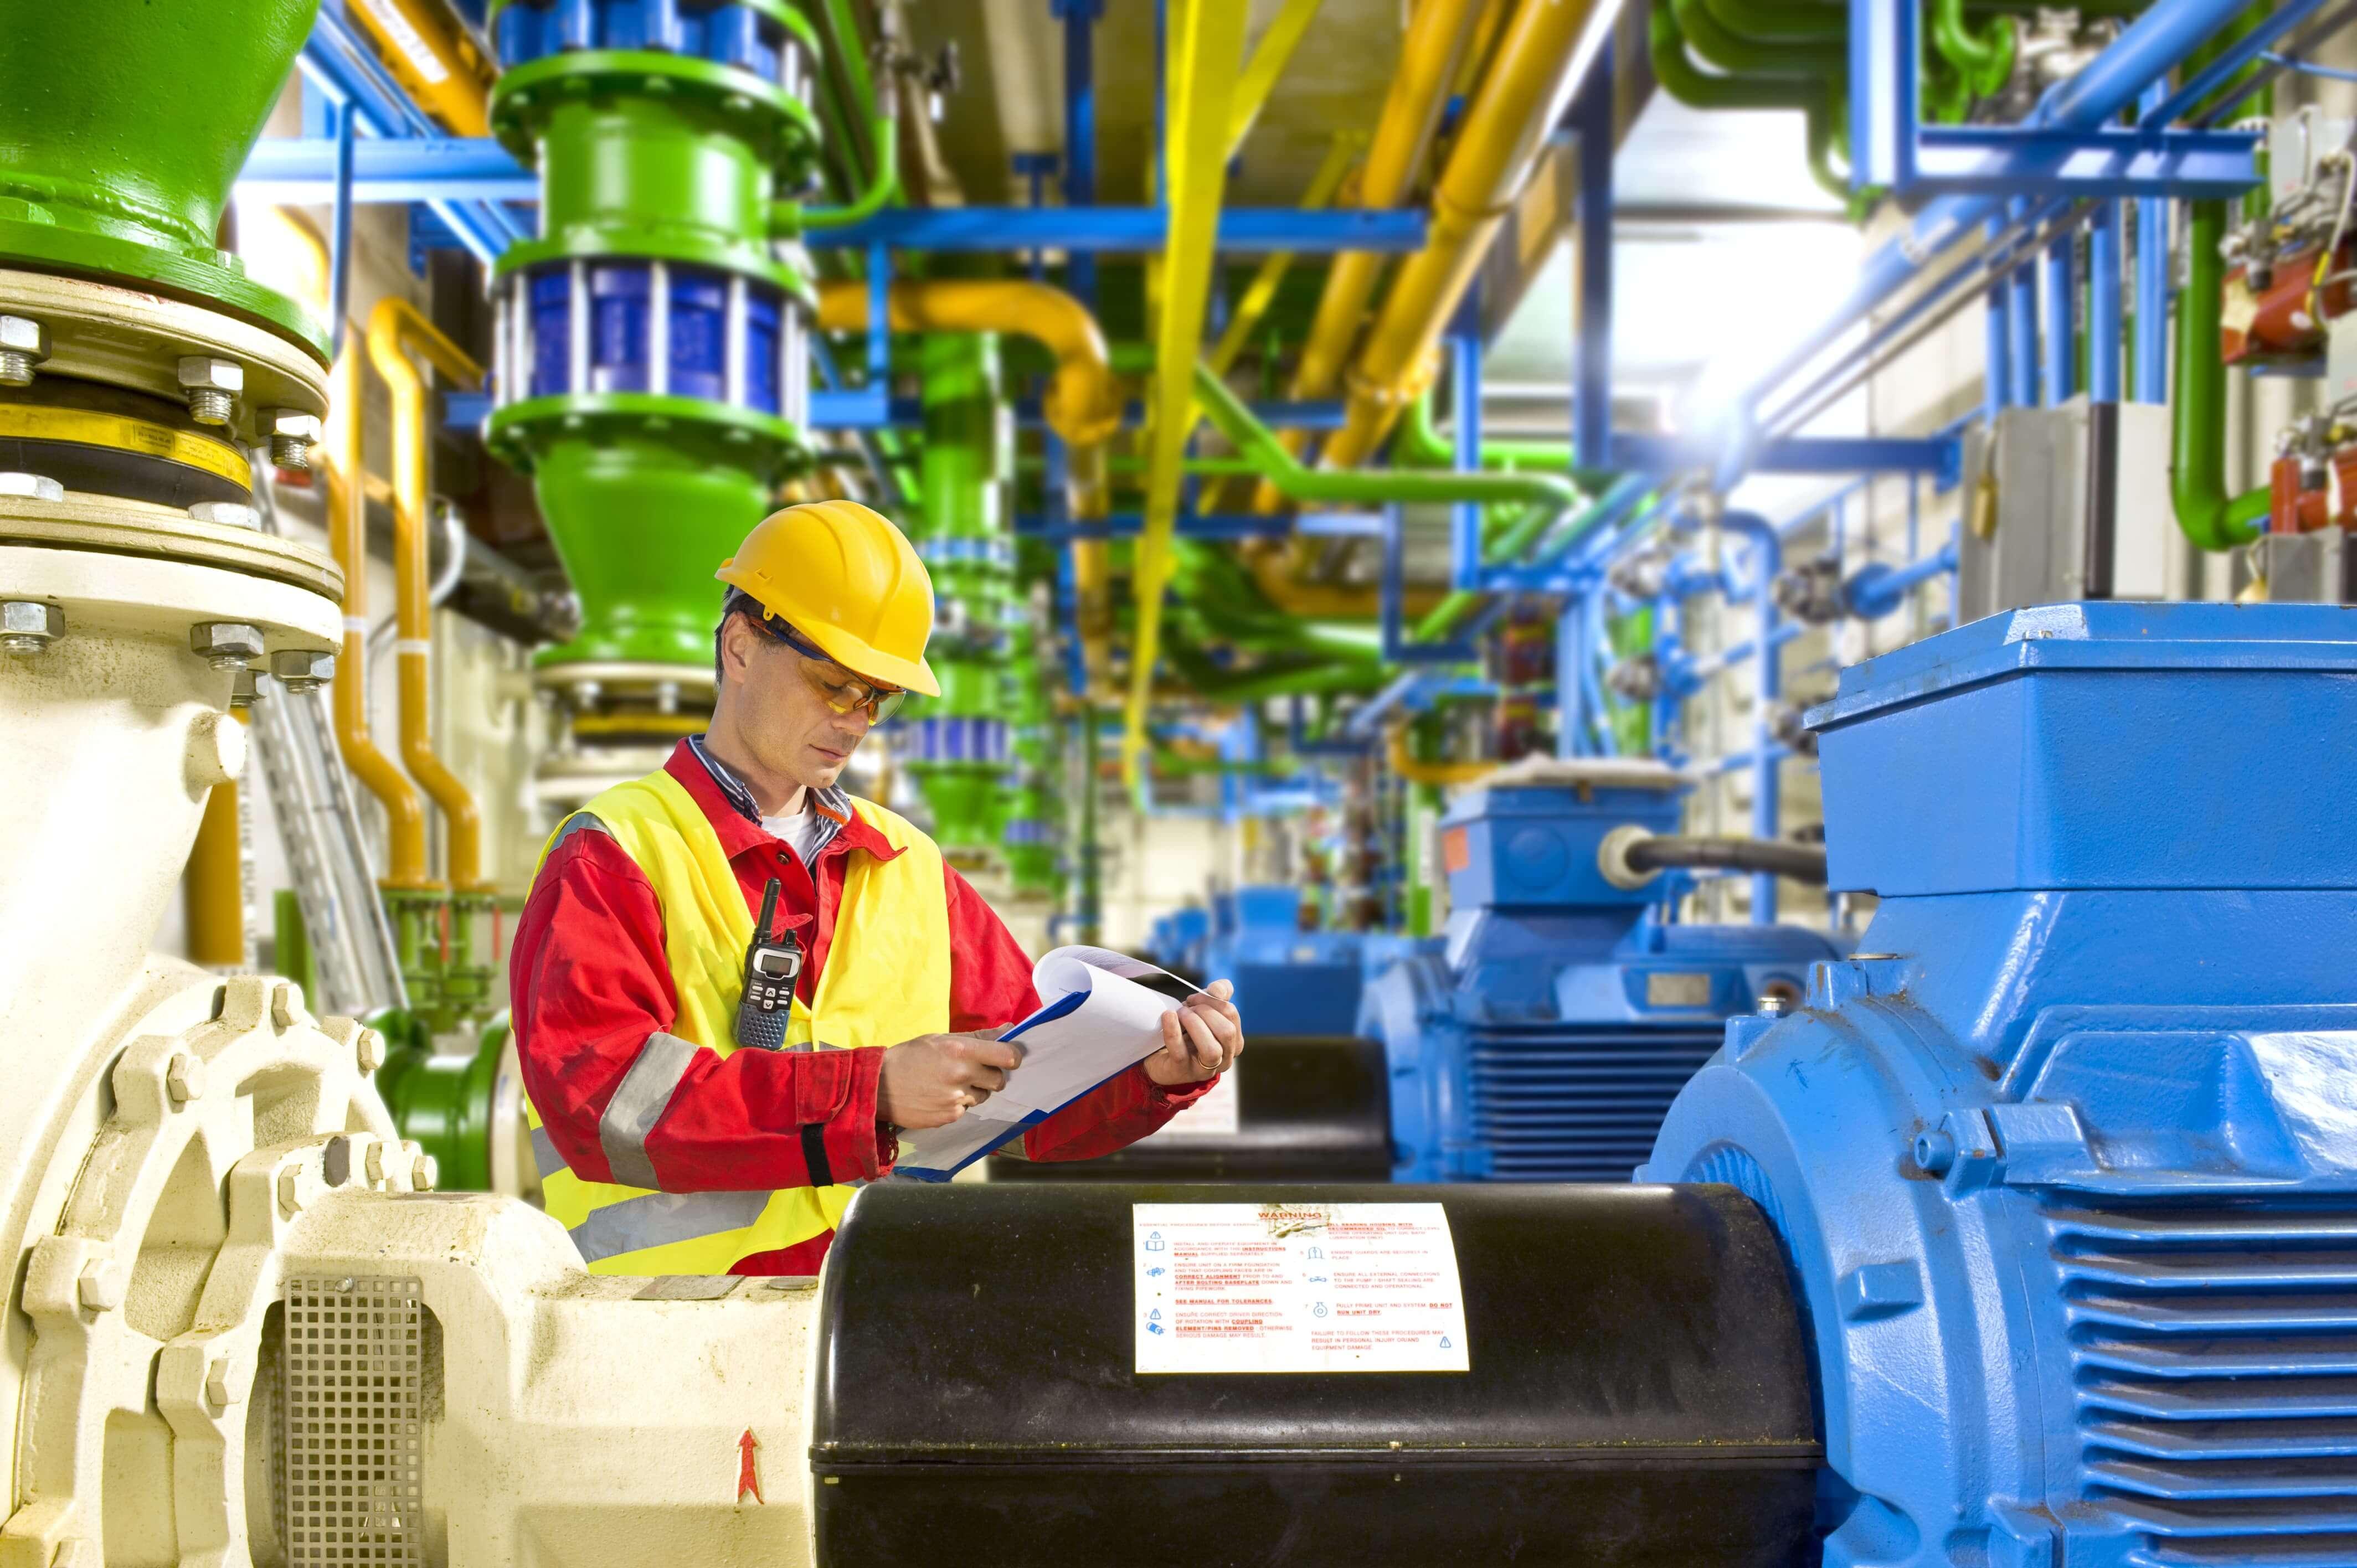 etiketten-voor-industrie-productie-bedrijven-klein.jpg